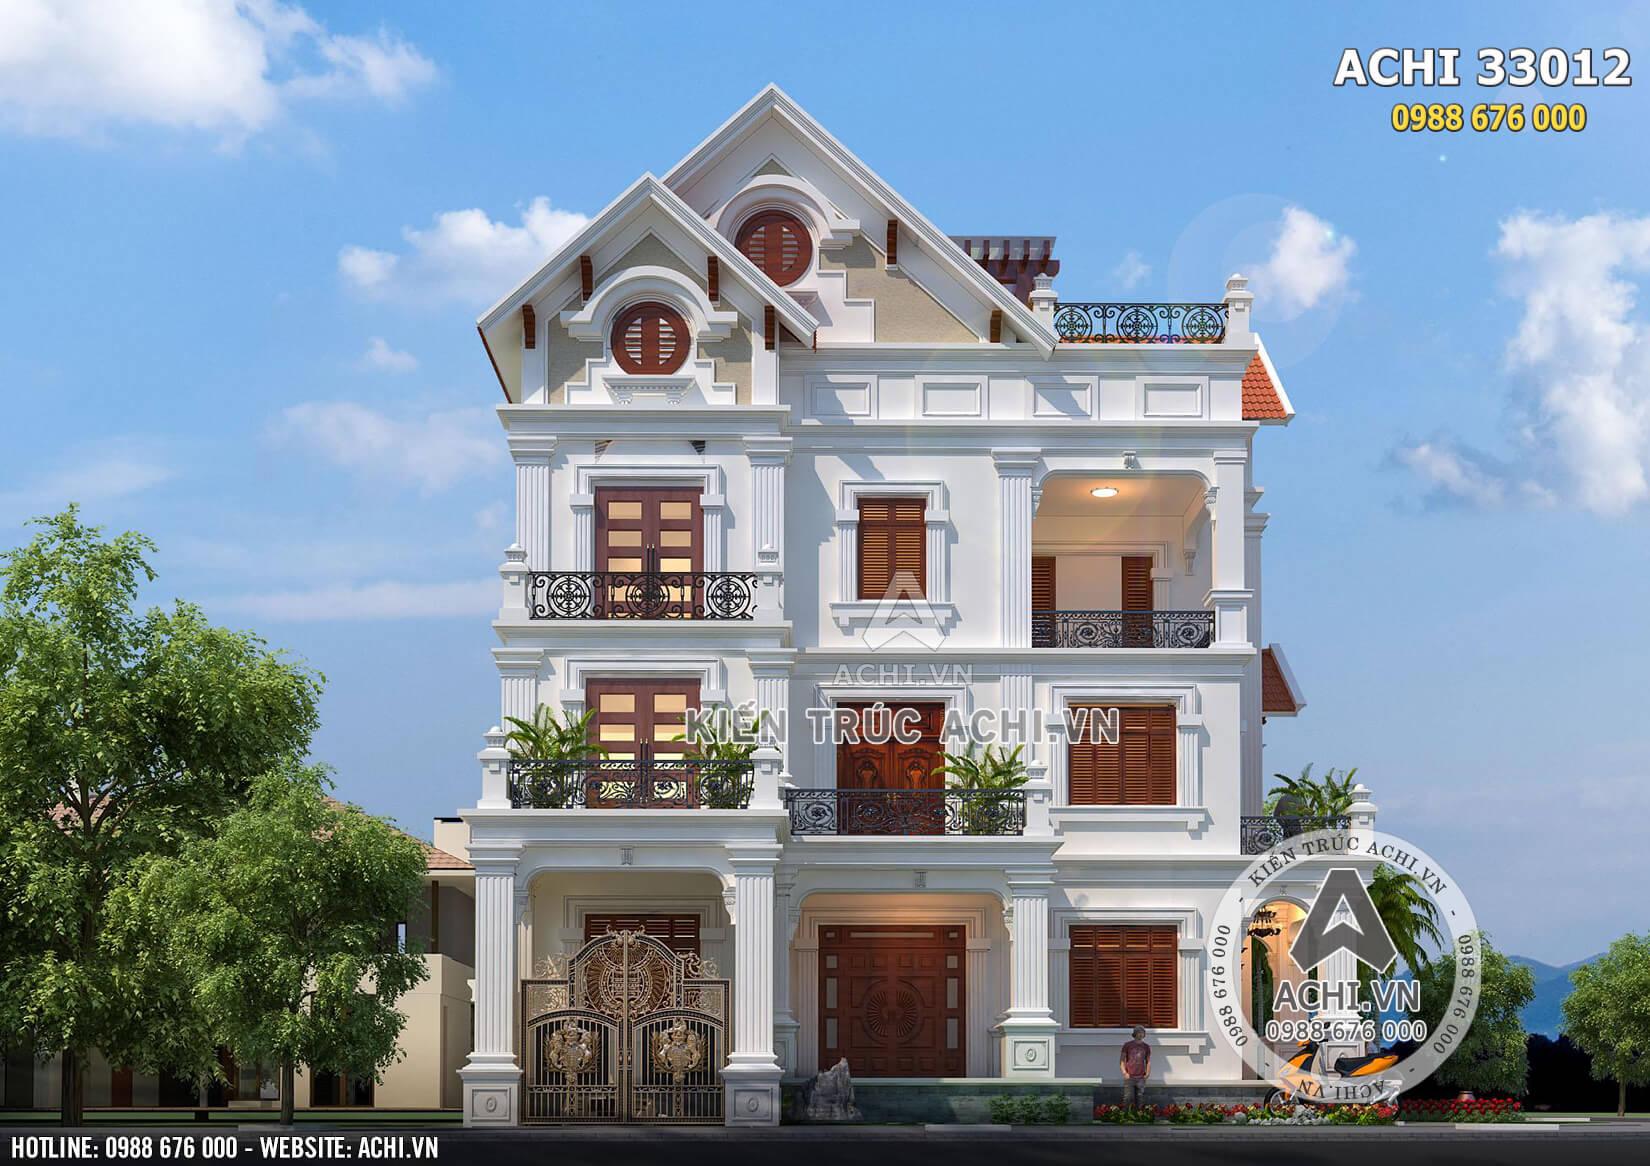 Mặt tiền khang trang của thiết kế biệt thự mái Thái 3 tầng đẹp - Mã số: ACHI33012